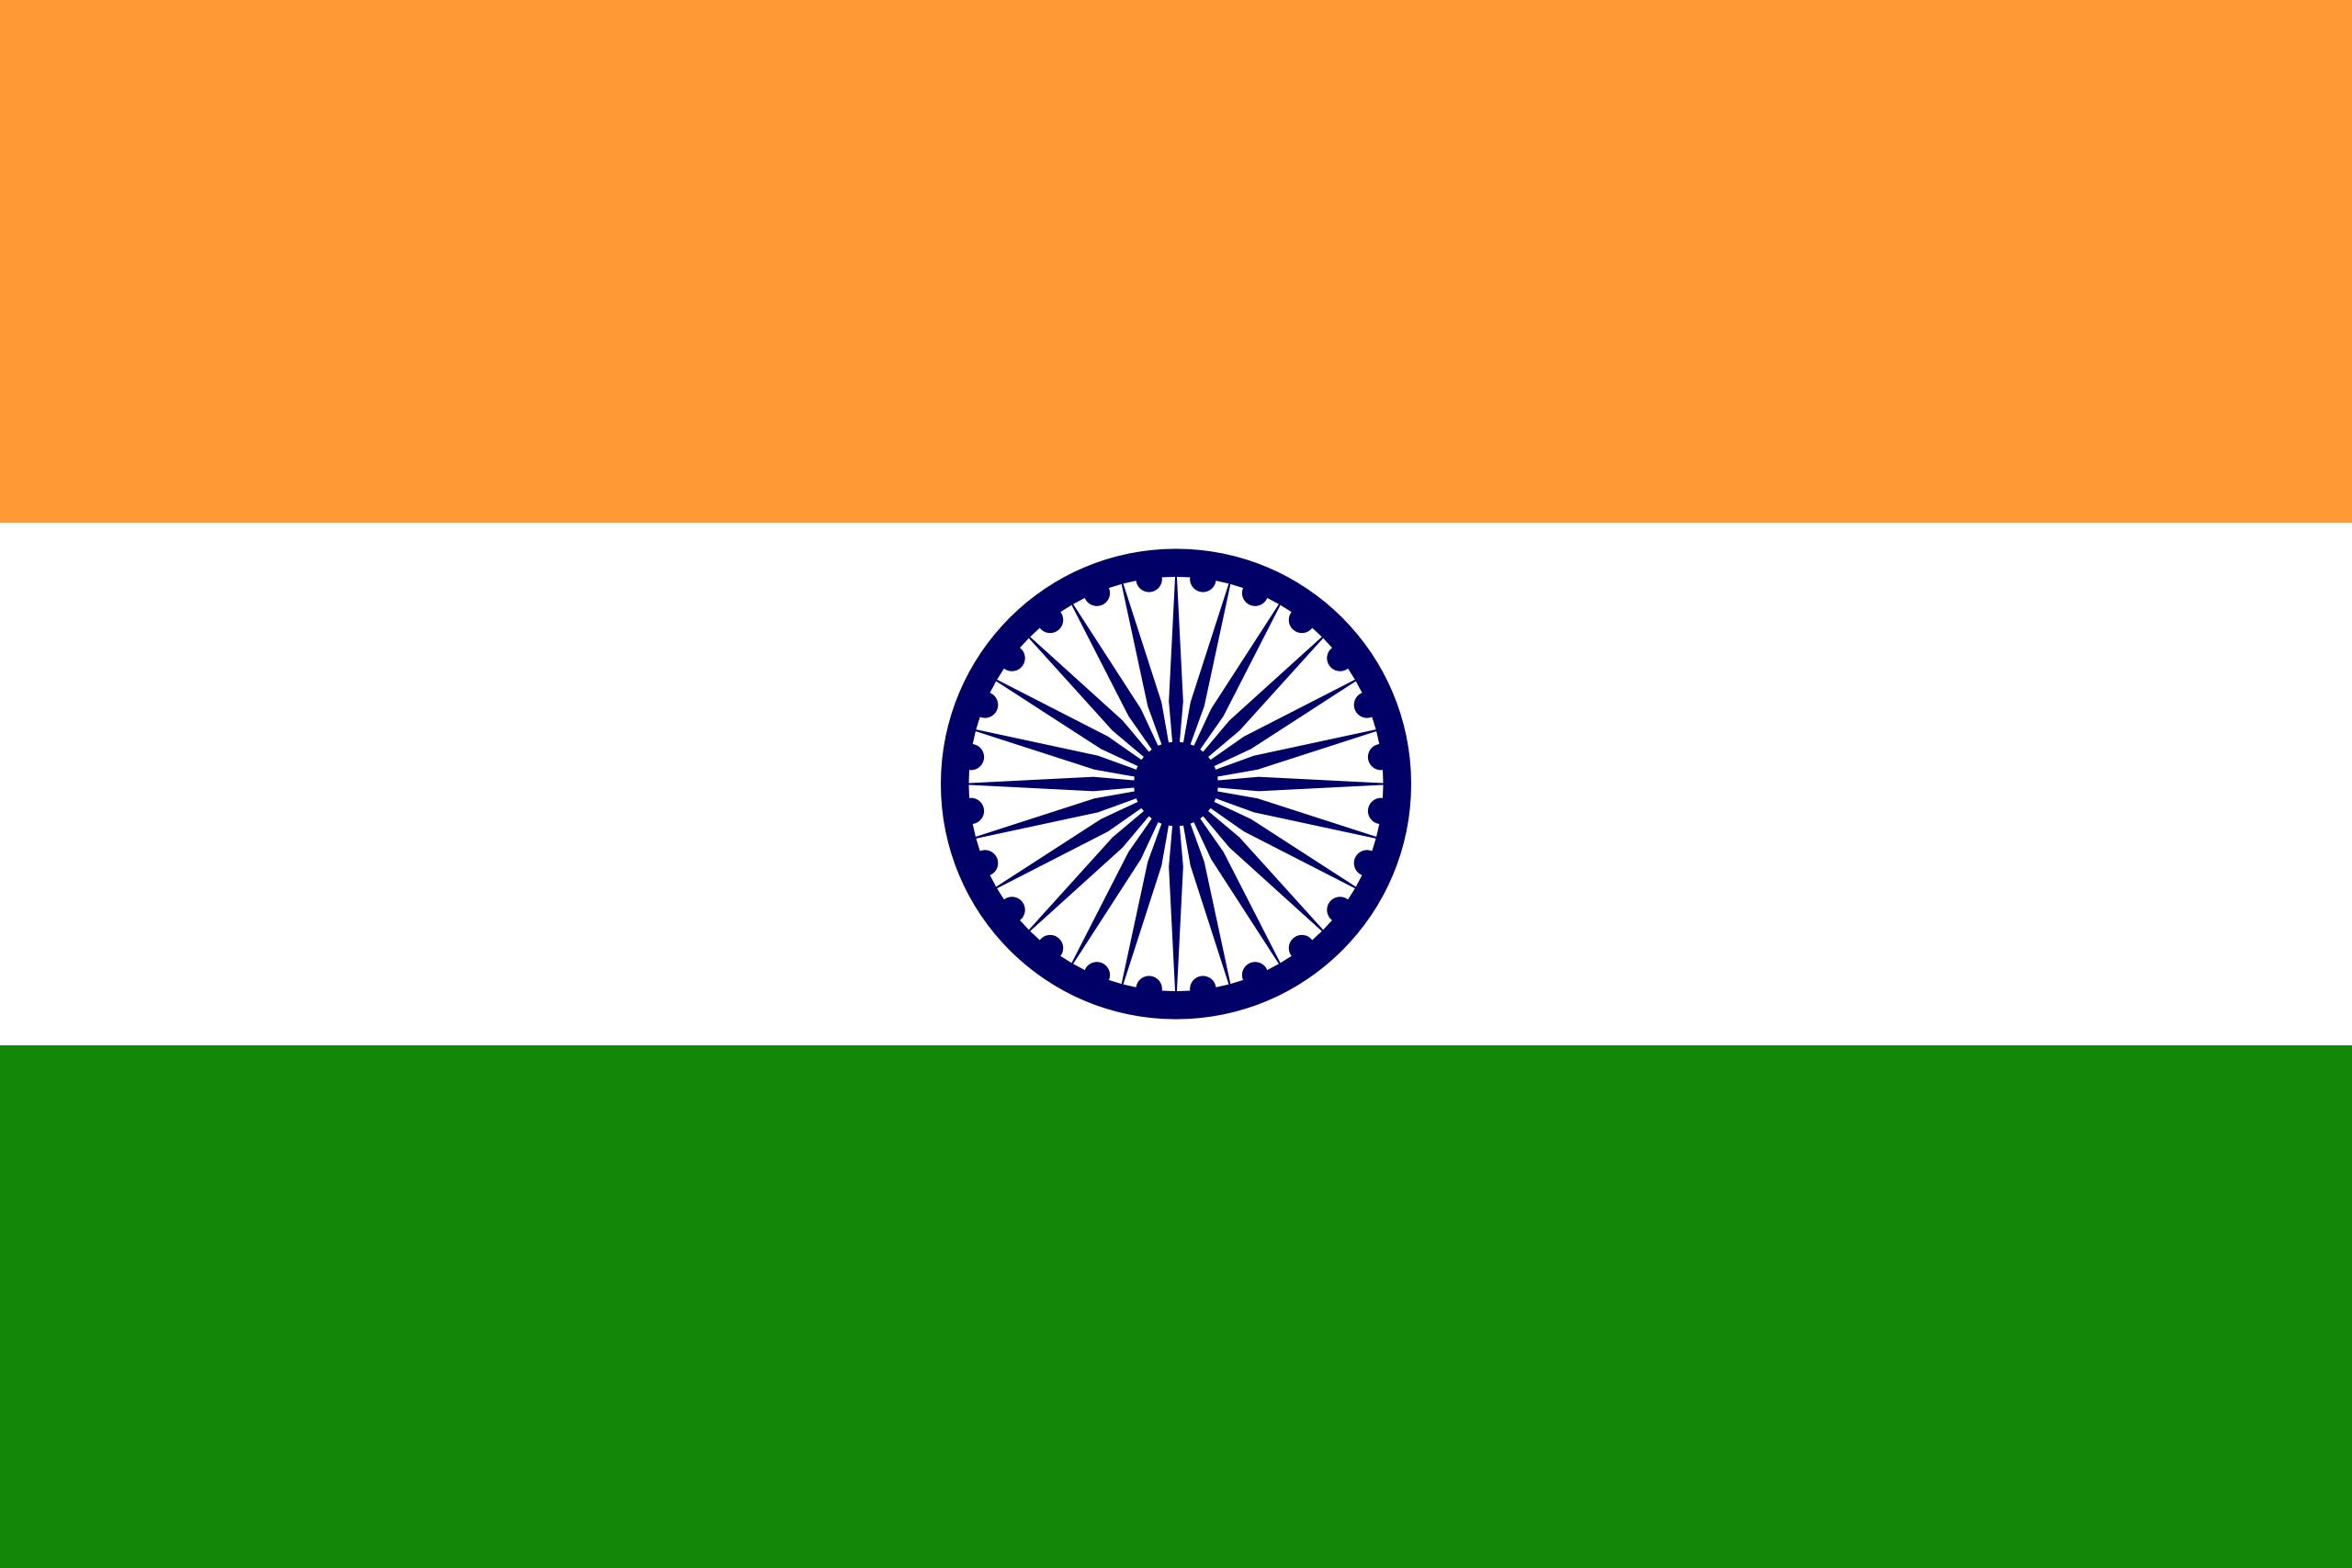 インド, país, emblema, insignia, シンボル - HD の壁紙 - 教授-falken.com